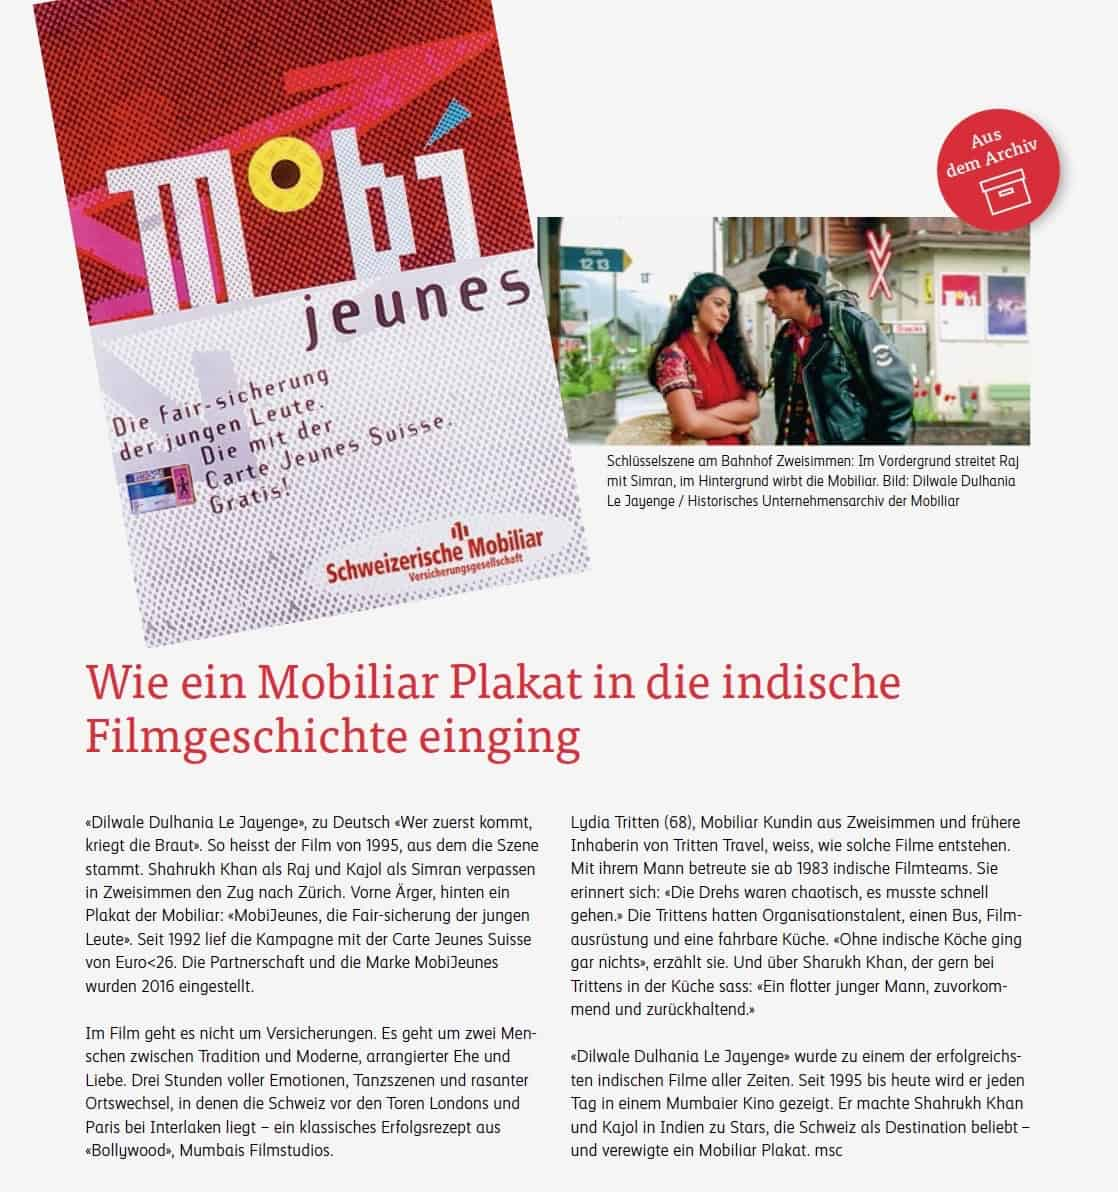 """Rubrik """"Aus dem Archiv"""" im Kunden- und Mitarbeitermagazin der Mobiliar"""